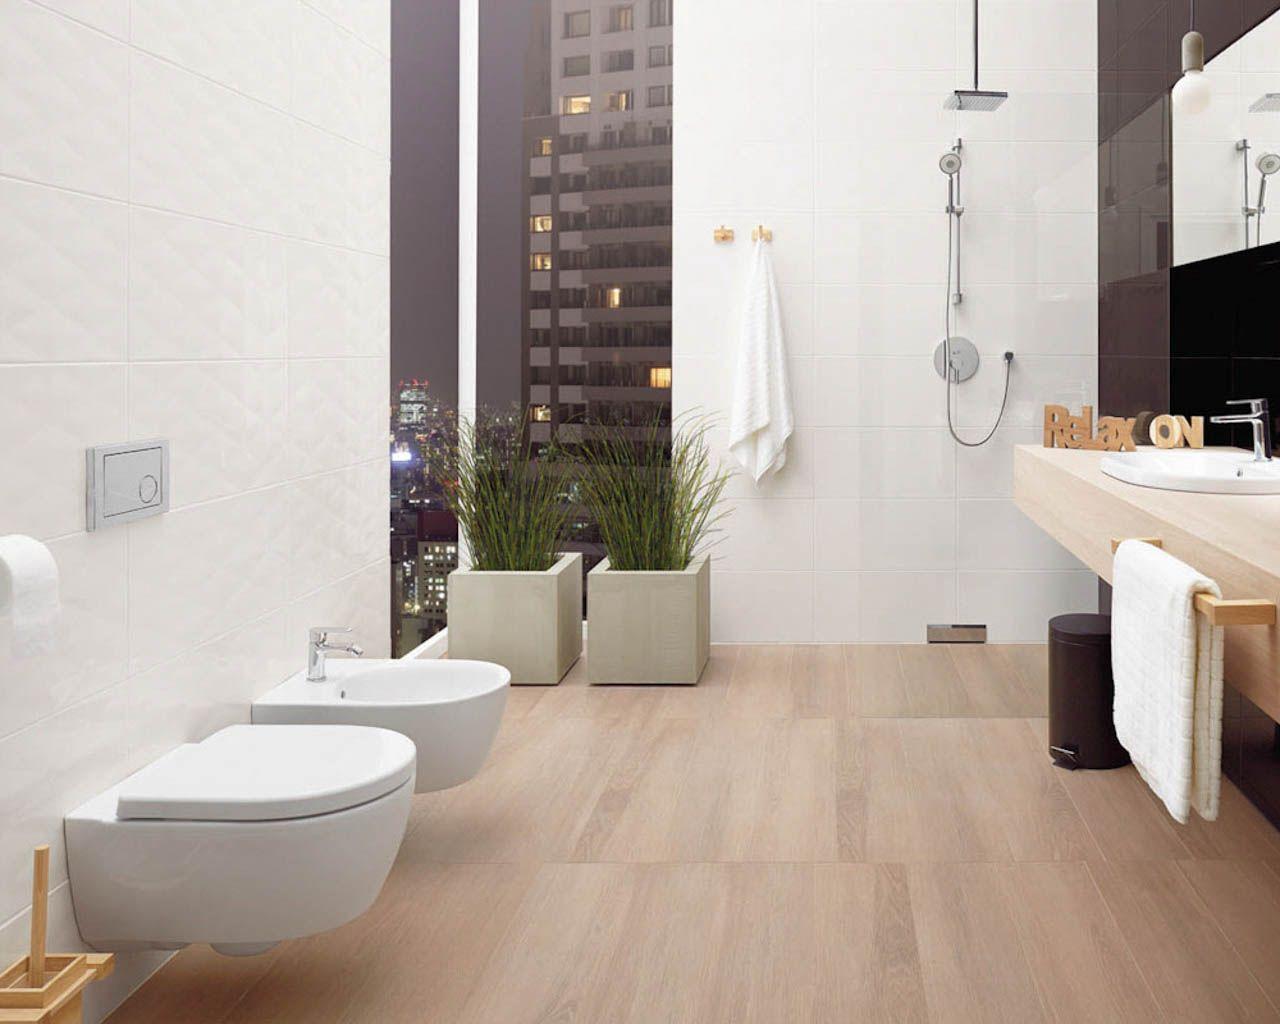 Weiß, Schwarz und Holz im modernen Bad | Ceramika Paradyz